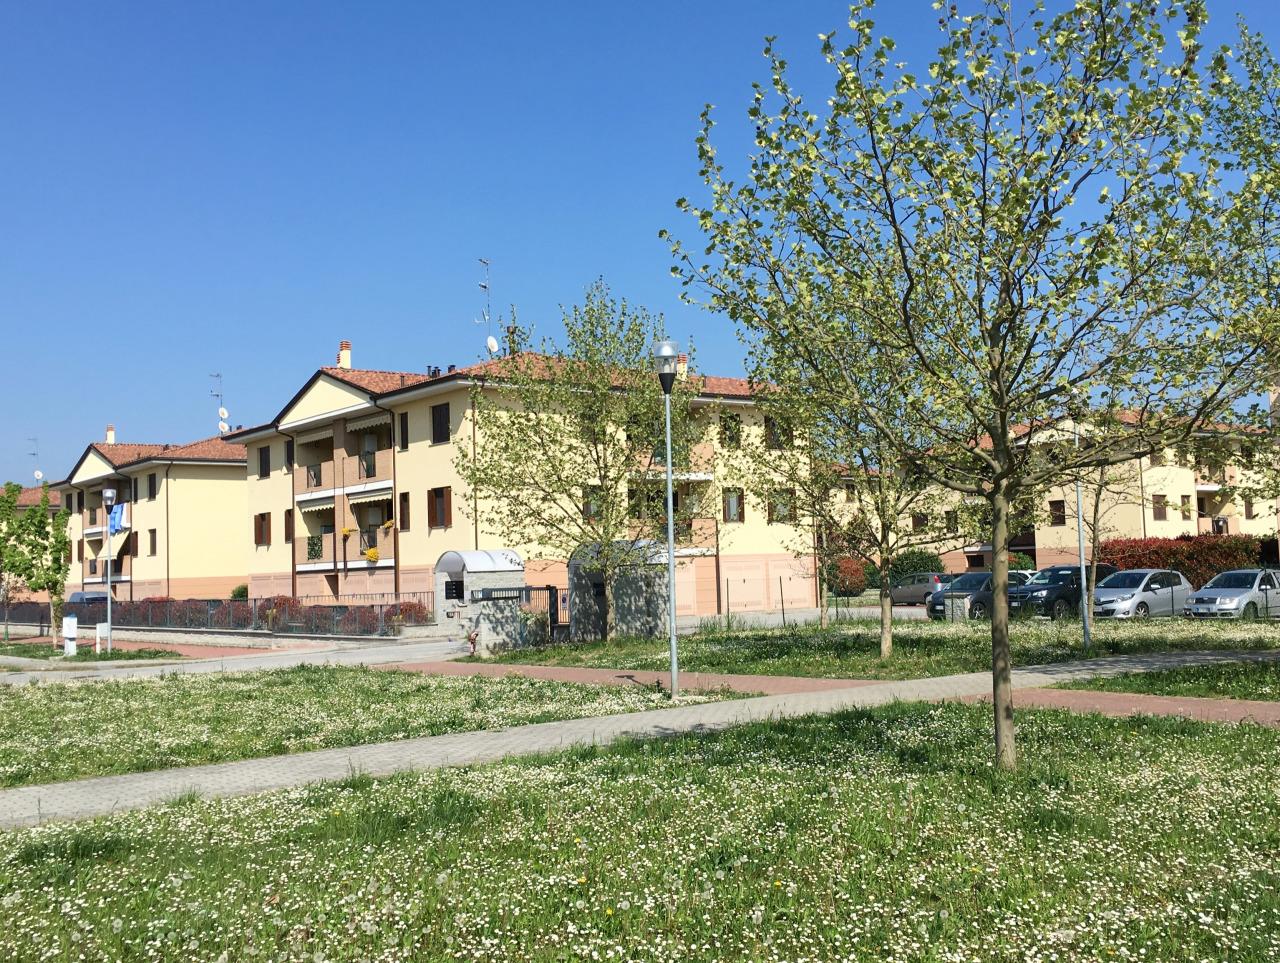 Appartamento in vendita a Parma, 3 locali, prezzo € 140.000 | Cambio Casa.it